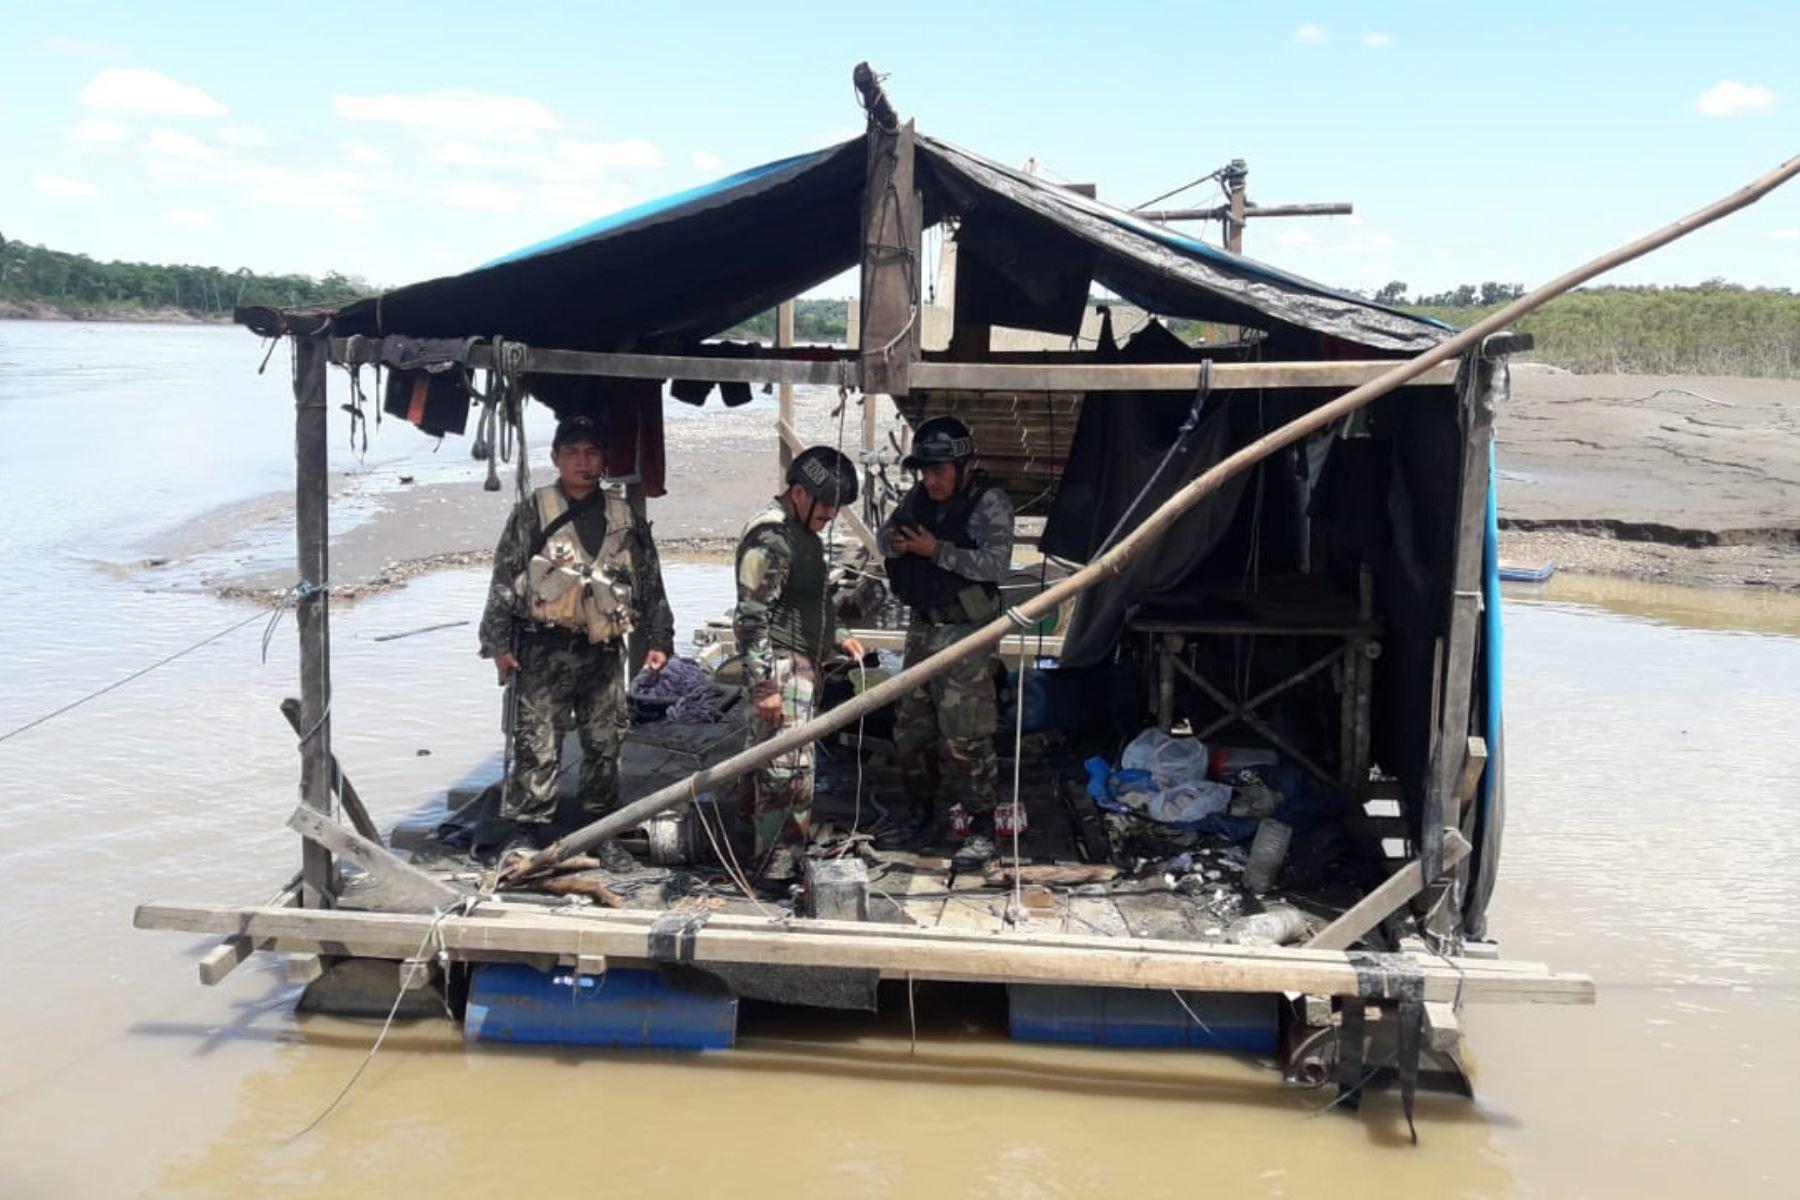 Fuerzas del orden destruyen equipos de la minería ilegal que operaban en Madre de Dios. ANDINA/Difusión